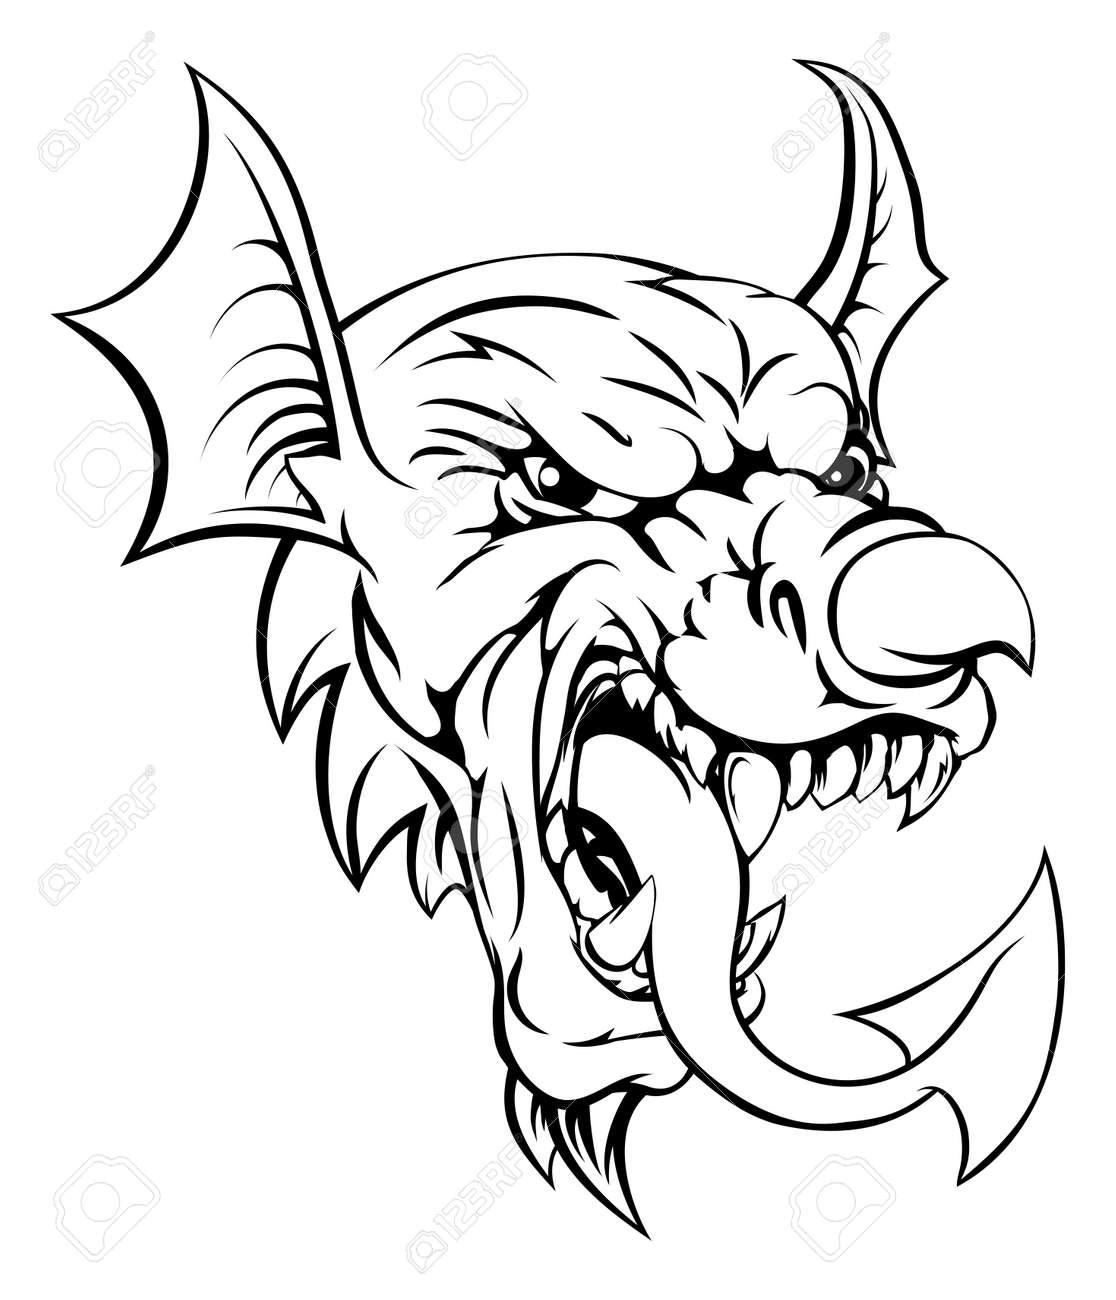 The welsh red dragon y ddraig goch the national animal of wales the welsh red dragon y ddraig goch the national animal of wales sports mascot buycottarizona